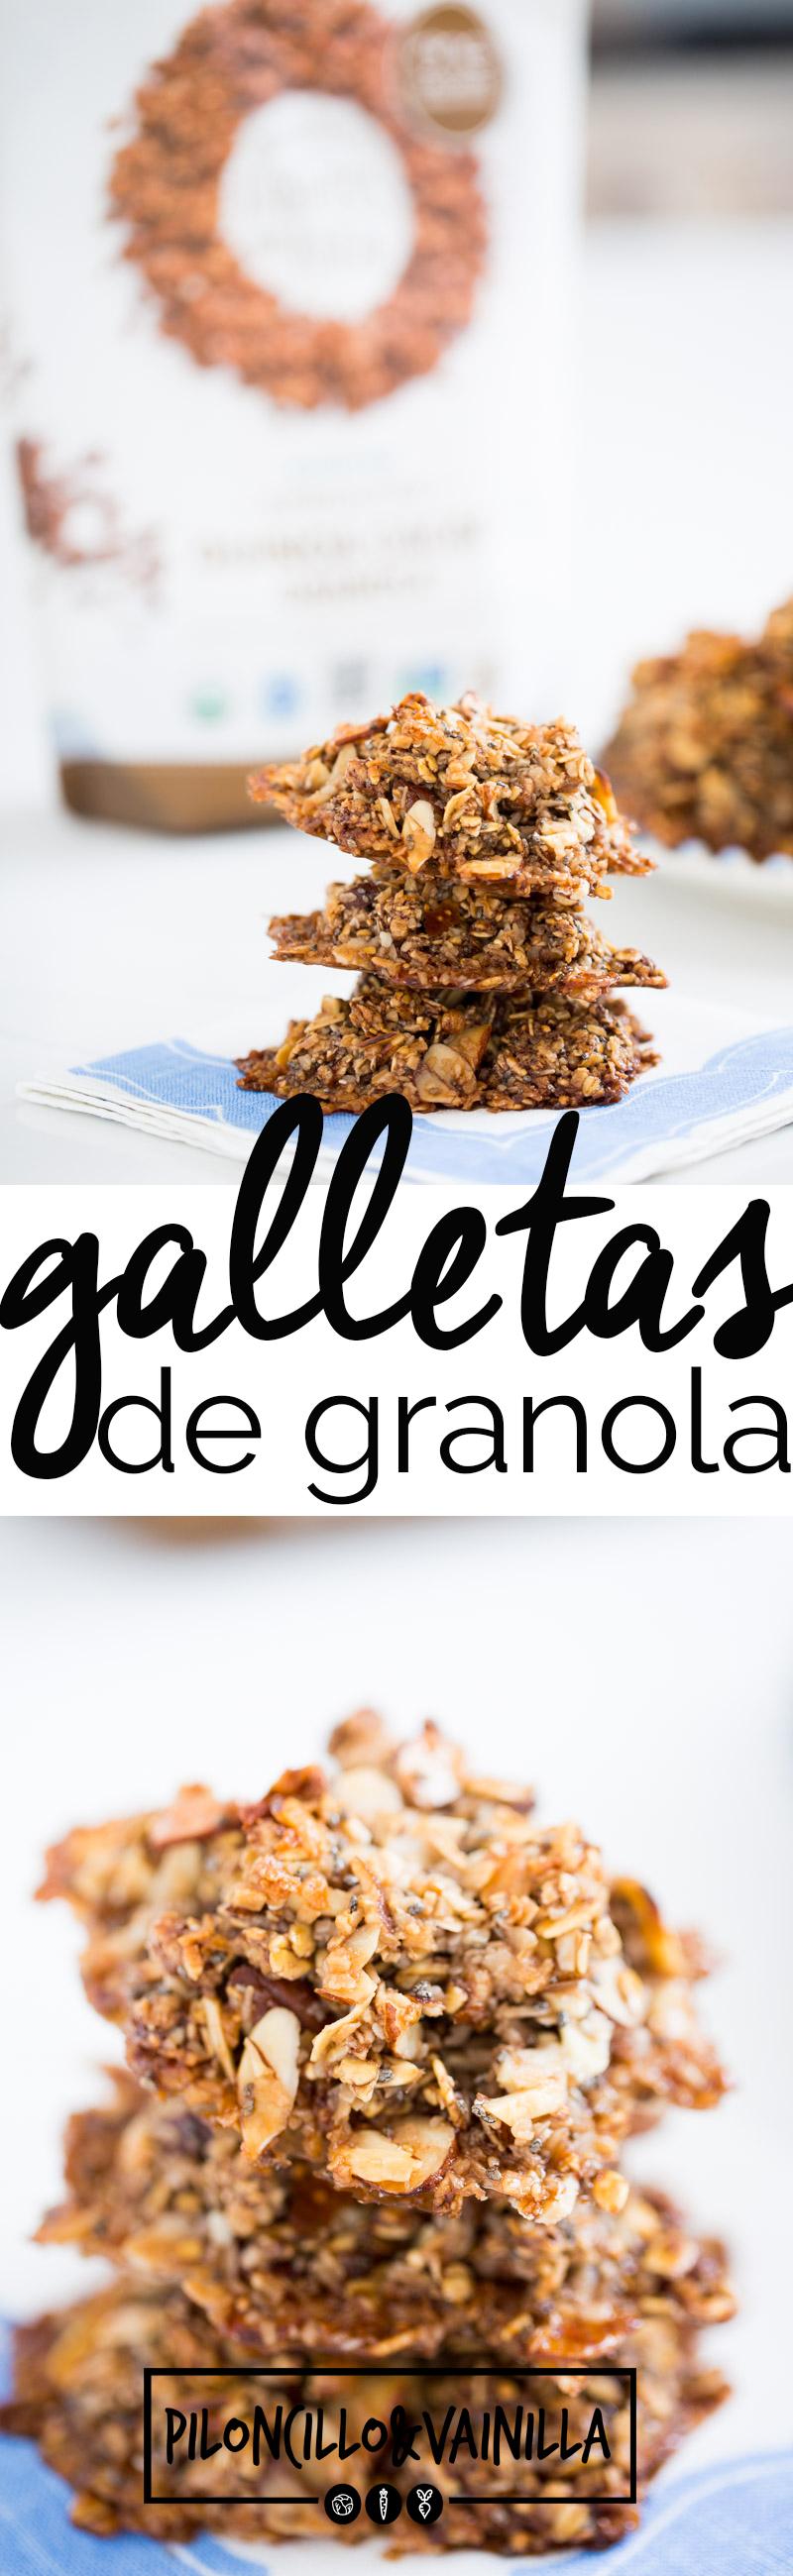 De verdad no se como no se me había ocurrido antes hacer galletas de granola, son fáciles, deliciosas y perfectas para mandar en la lonchera. #vegan, #galletasveganas,#recetassaludables,#recetassanas, #postresaludable